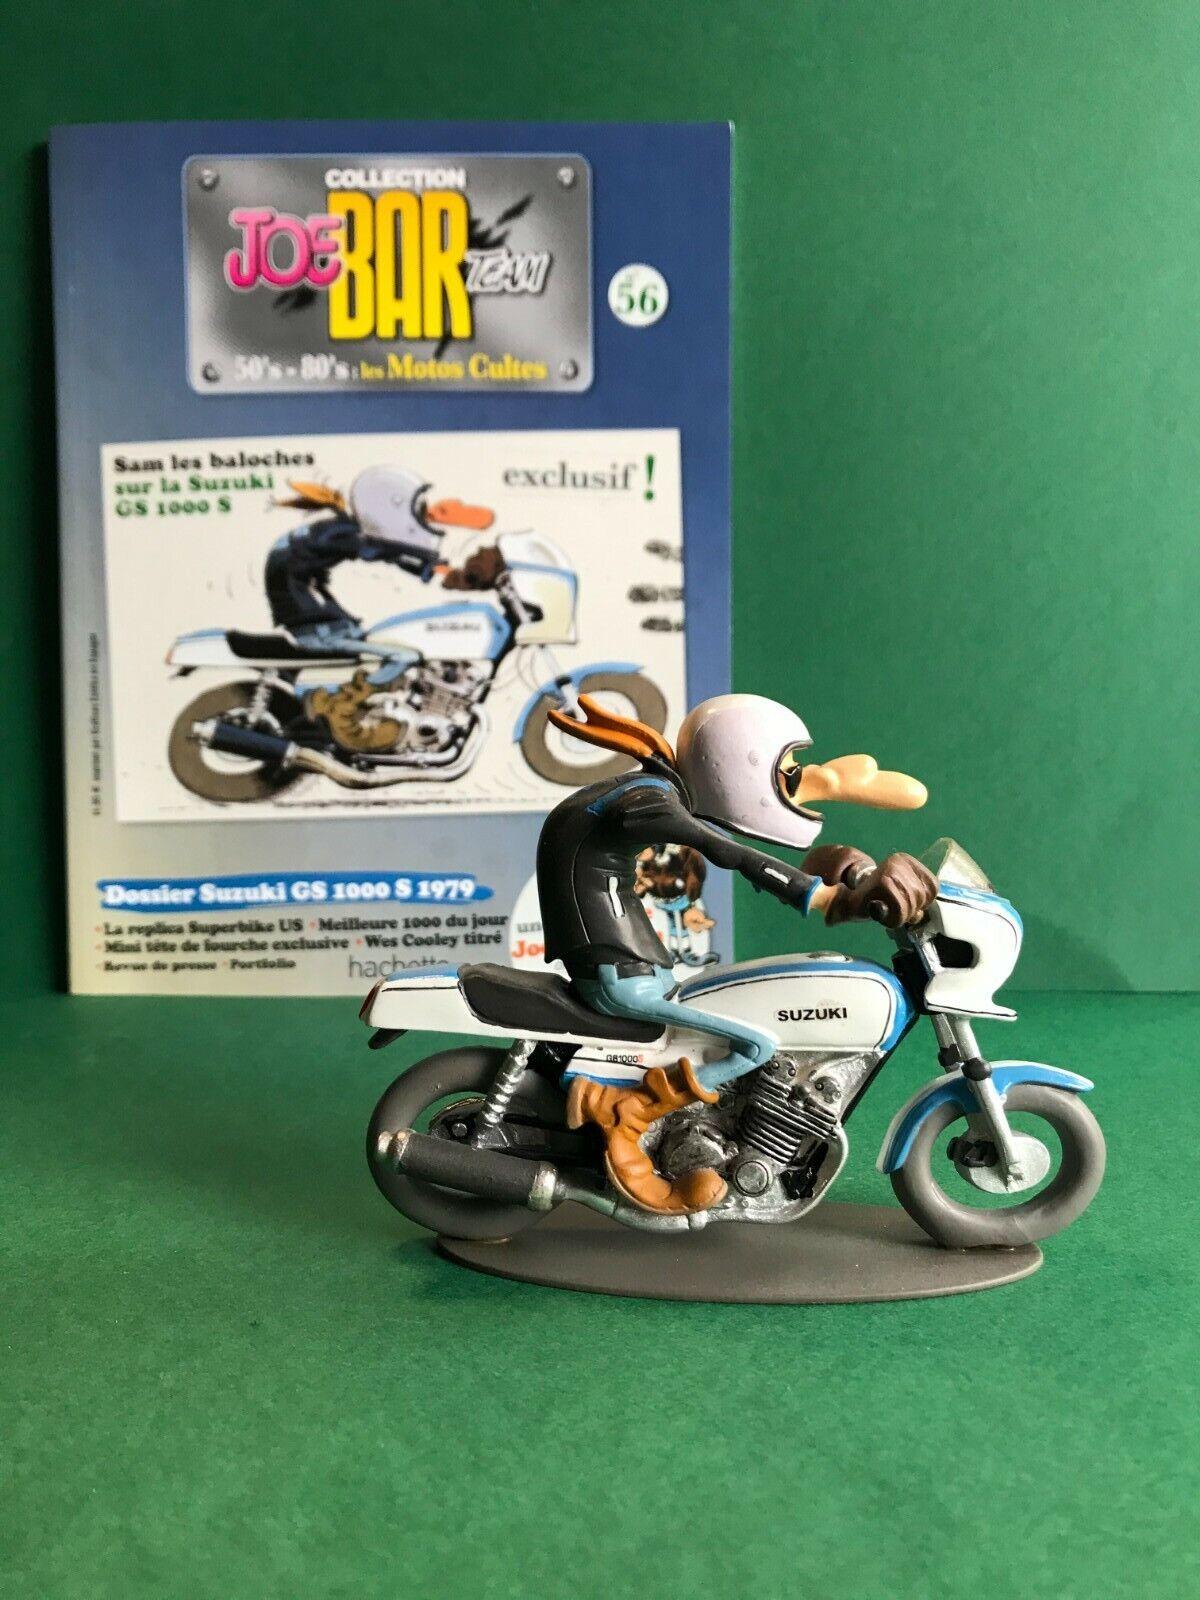 Figurine joe bar team & livret moto suzuki gs 1000 s